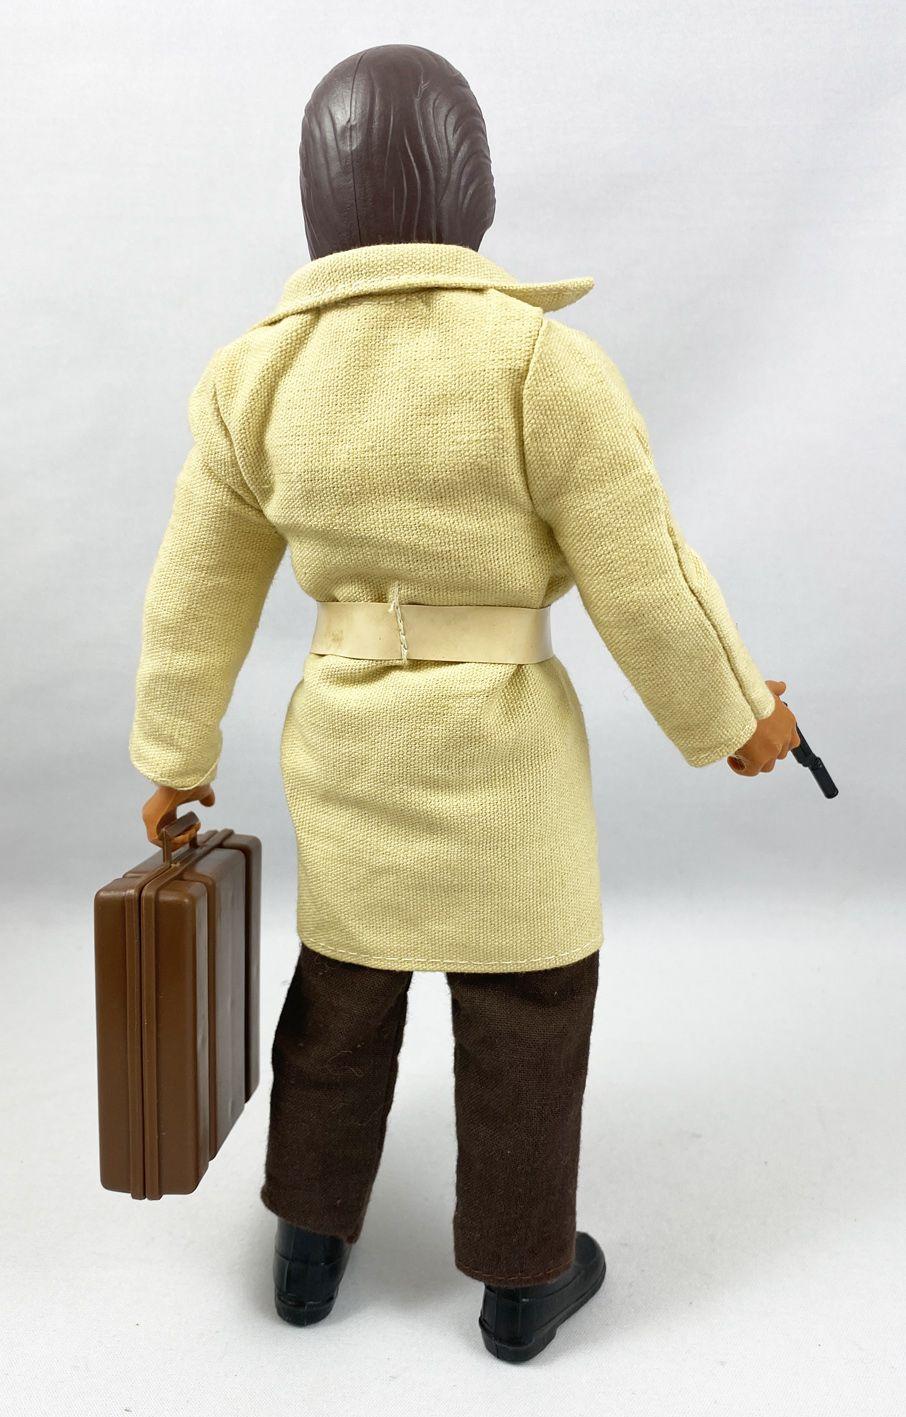 Big Jim Série Espionnage - Mattel - Big Jim Agent Secret 004 (ref.2687) version 4 masques